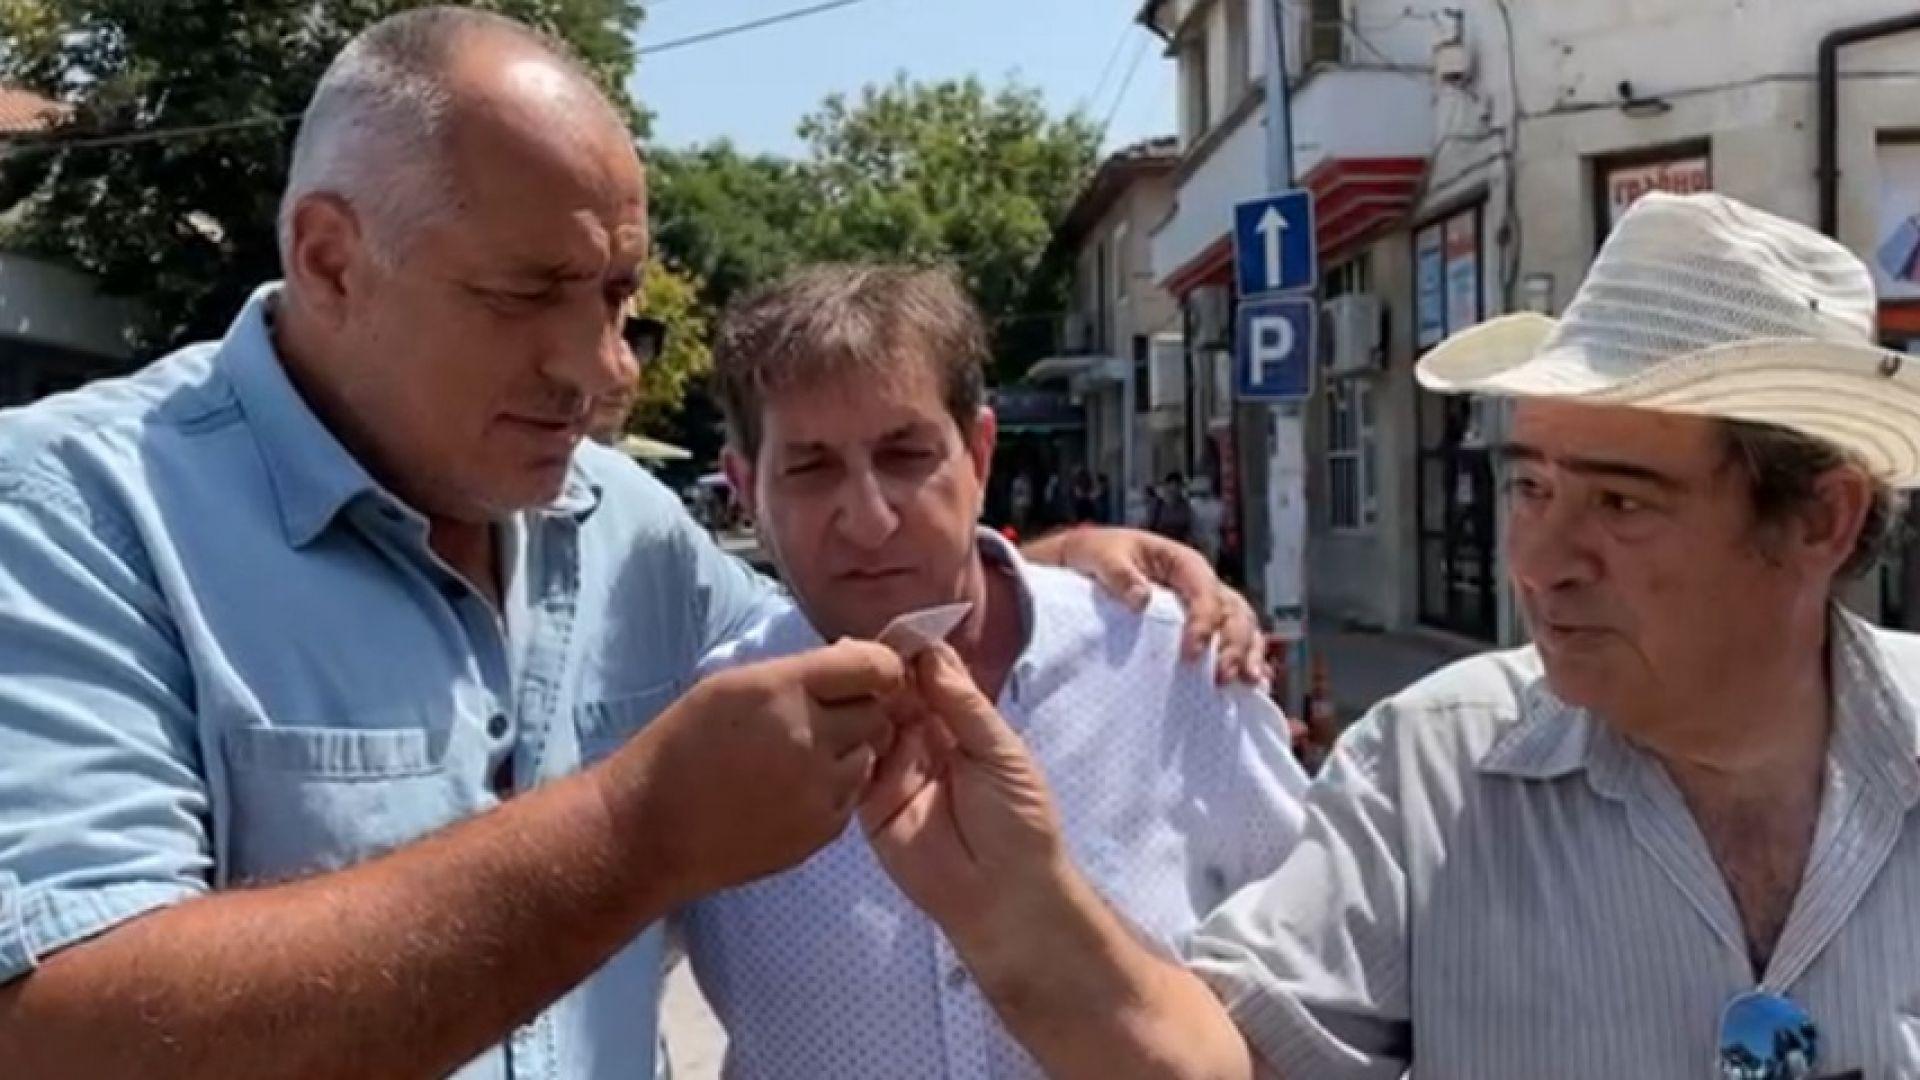 Борисов: Предупредих Слави, че реформаторите ще го оставят по средата на реката (видео)